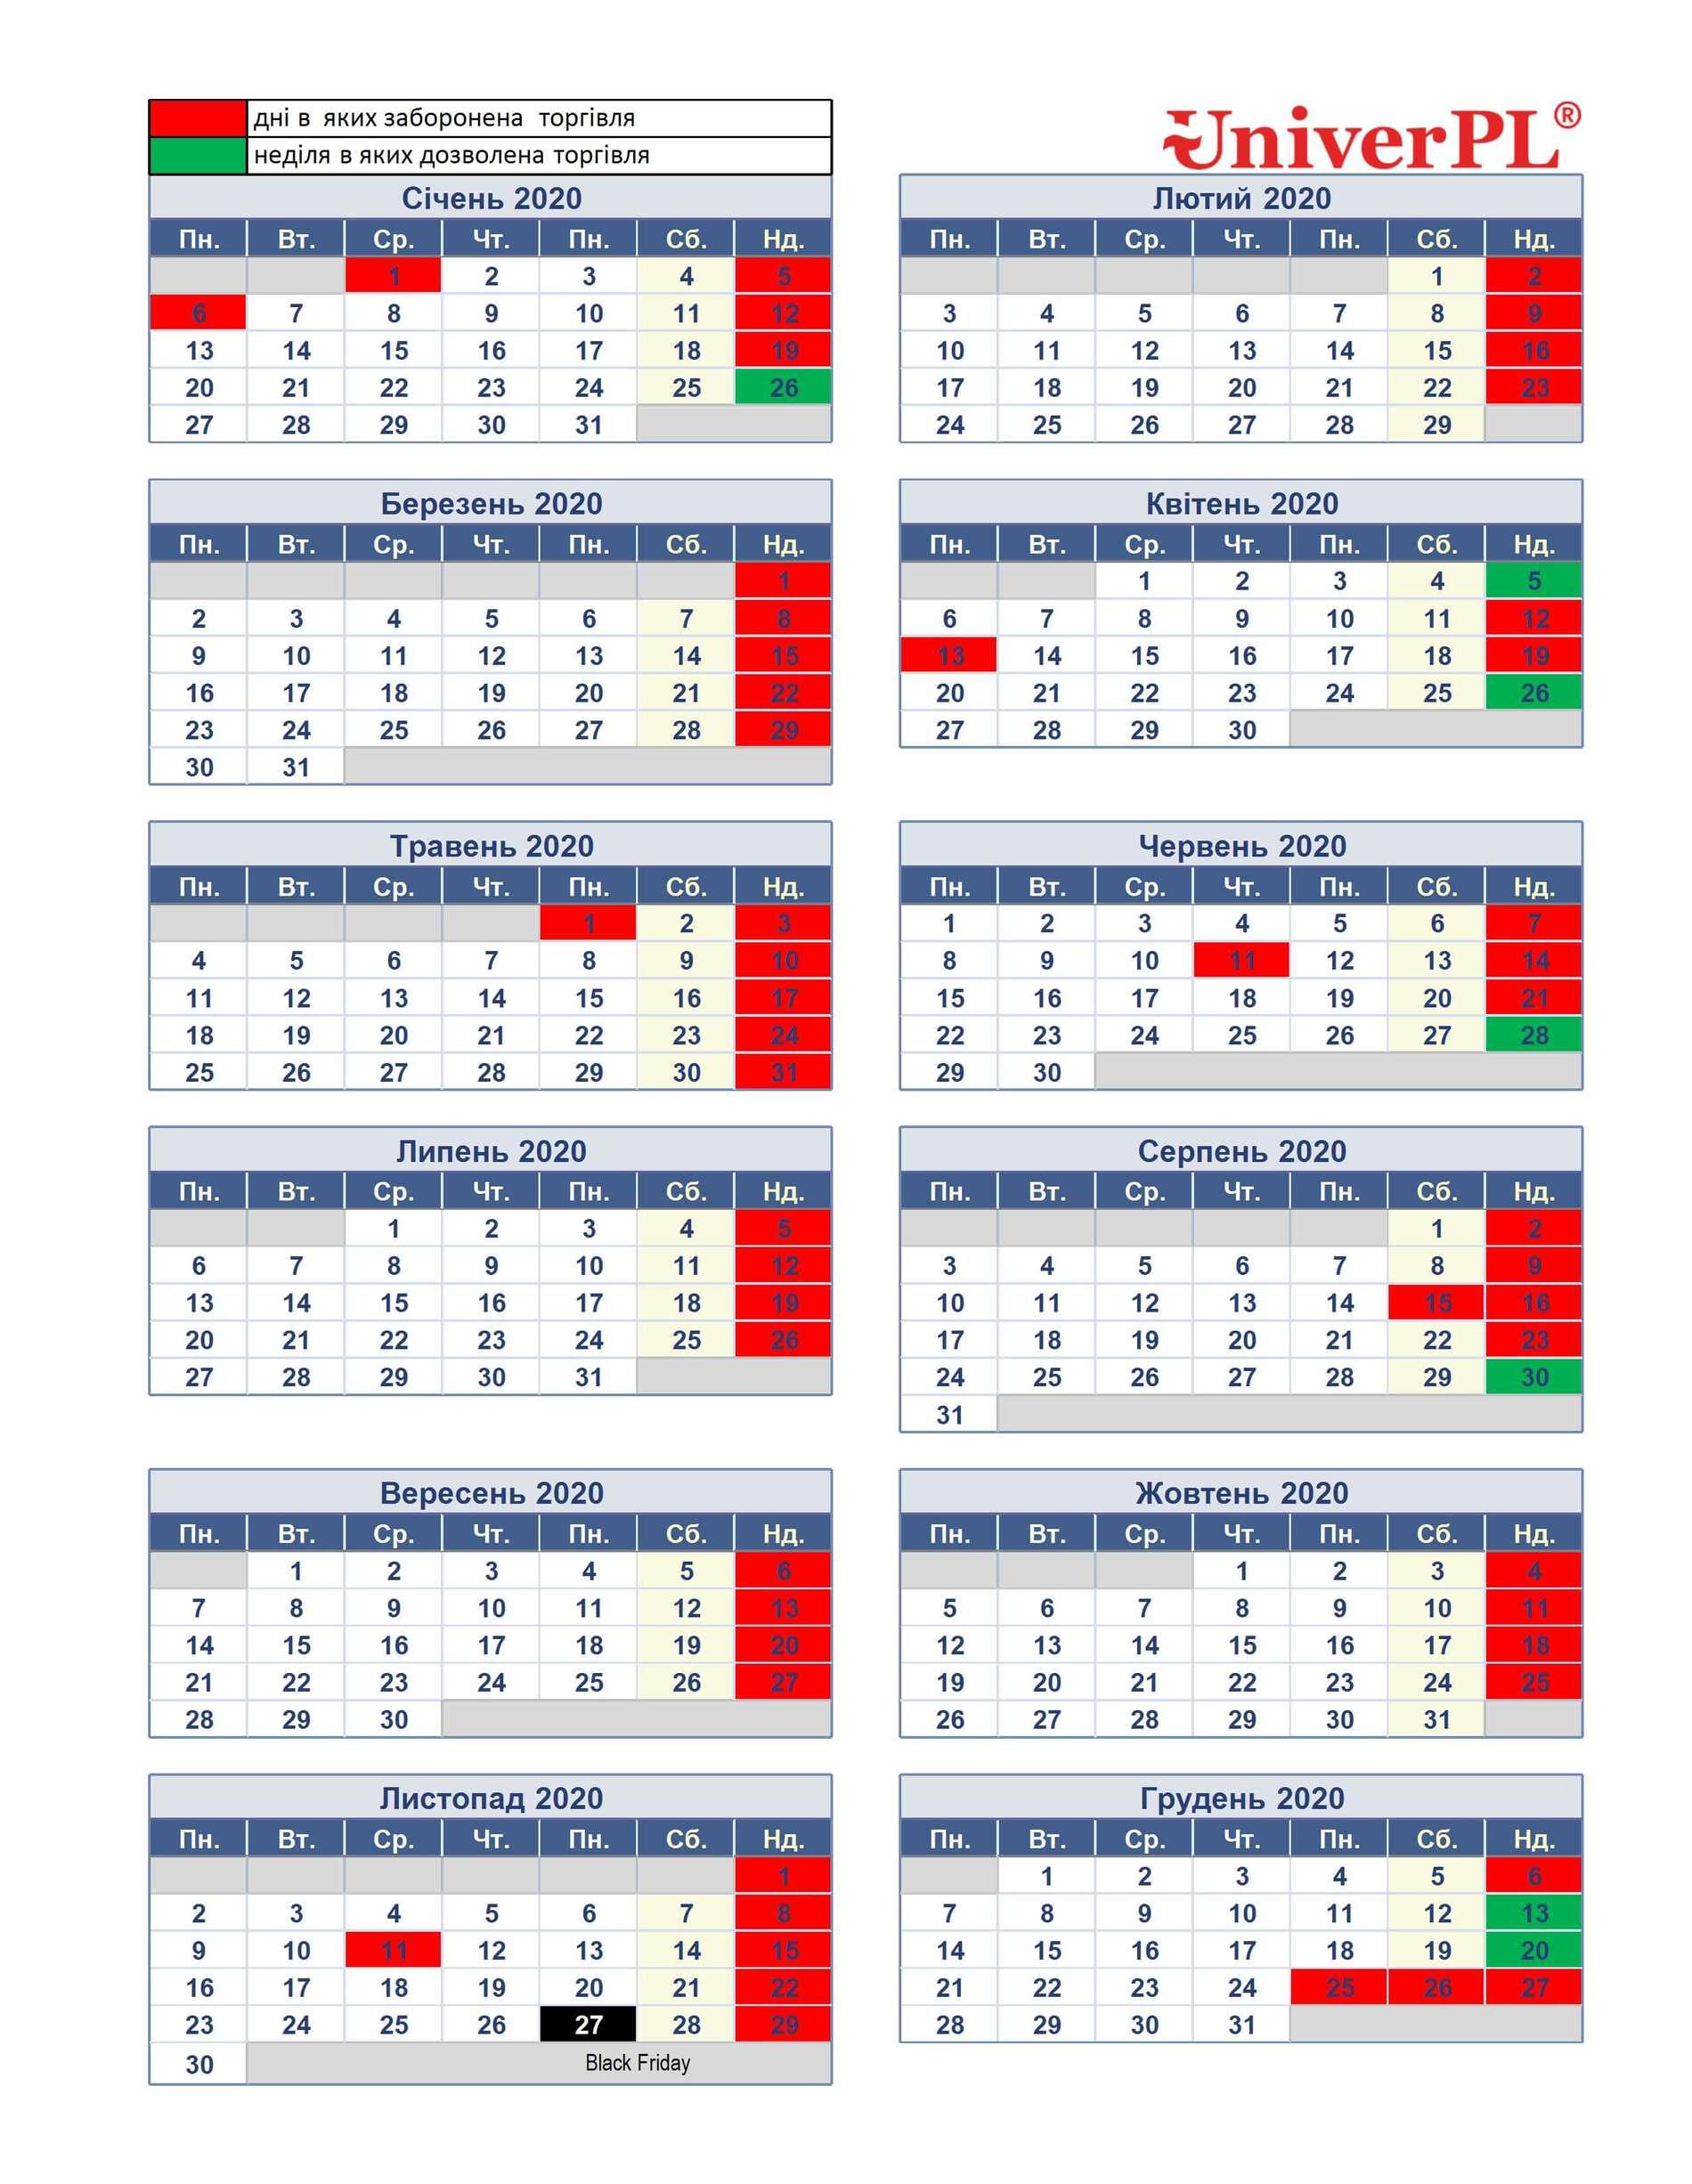 Календарь работы магазинов в 2020 году - UniverPL